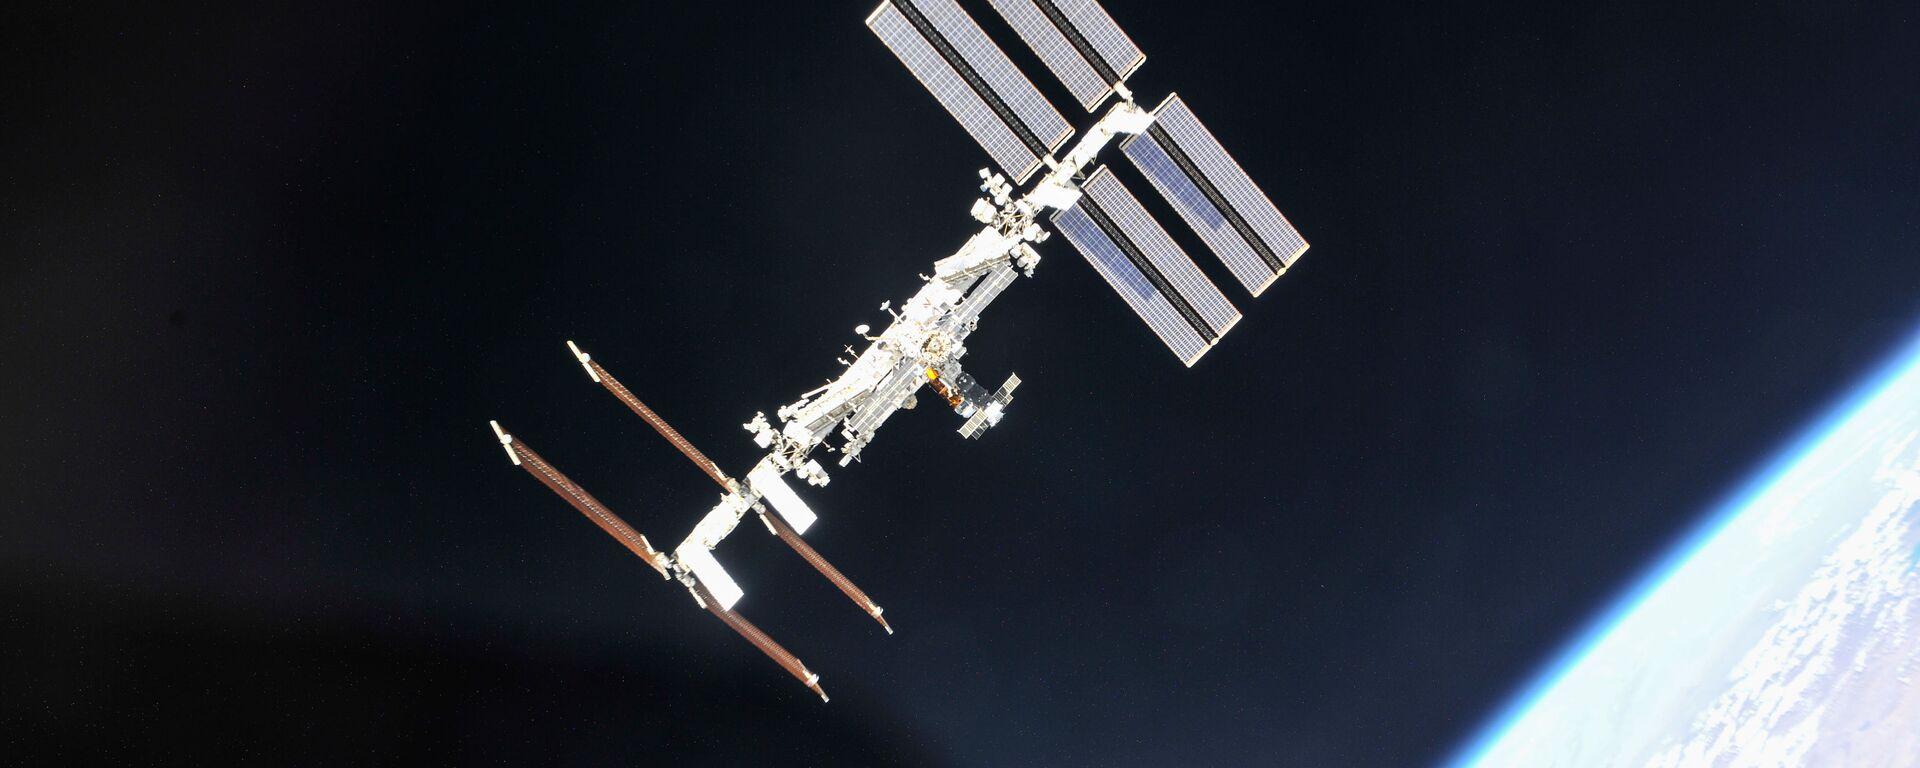 Mezinárodní vesmírná stanice z pohledu ruské lodi Sojuz - Sputnik Česká republika, 1920, 05.07.2021